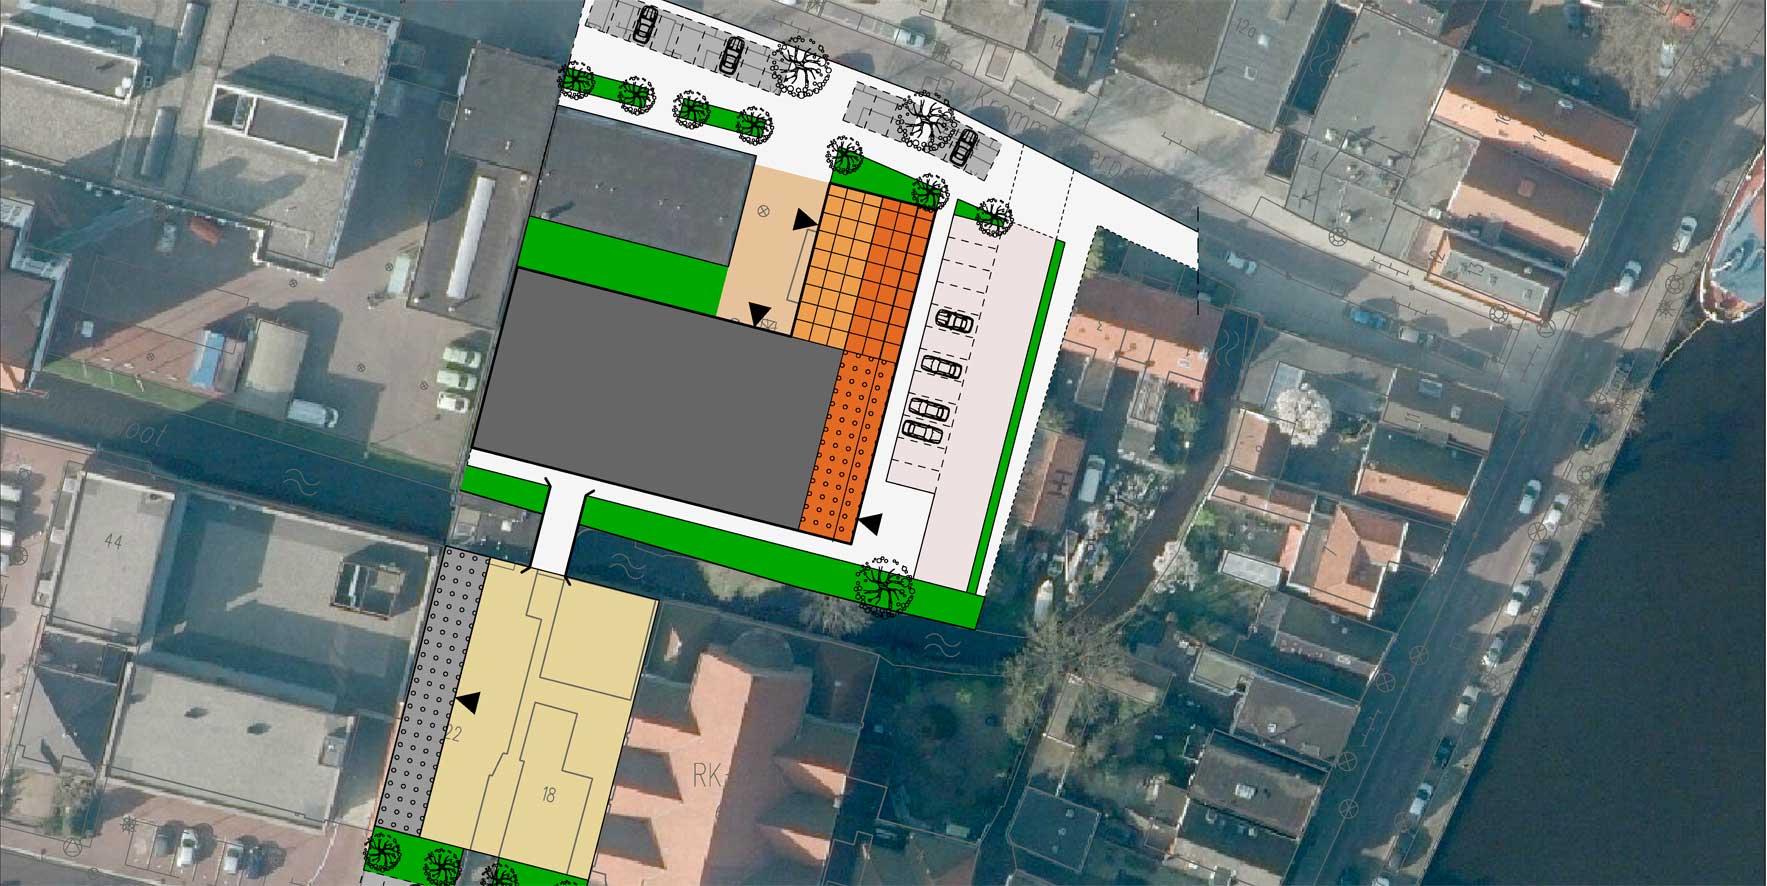 Toermalijn stedenbouwkundige inpassing Zaanstad